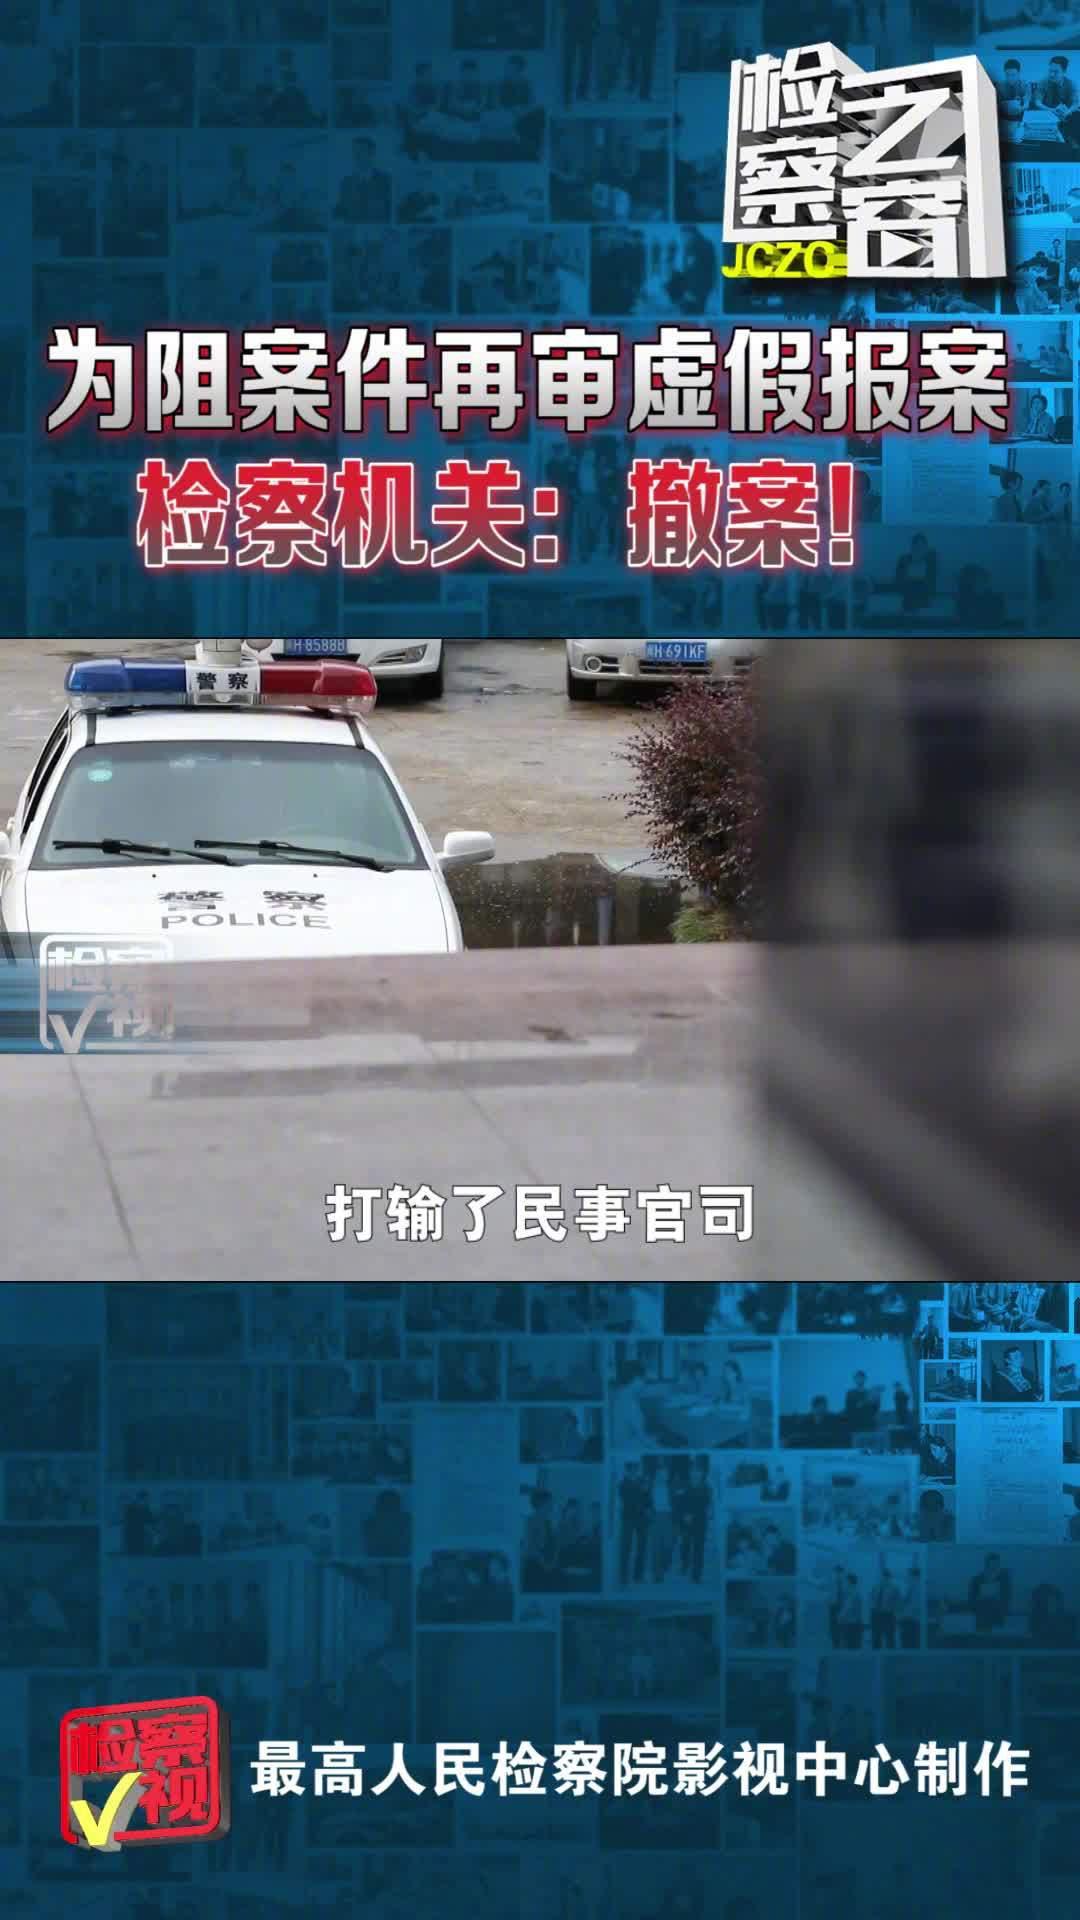 为阻案件再审虚假报案,检察机关:撤案!